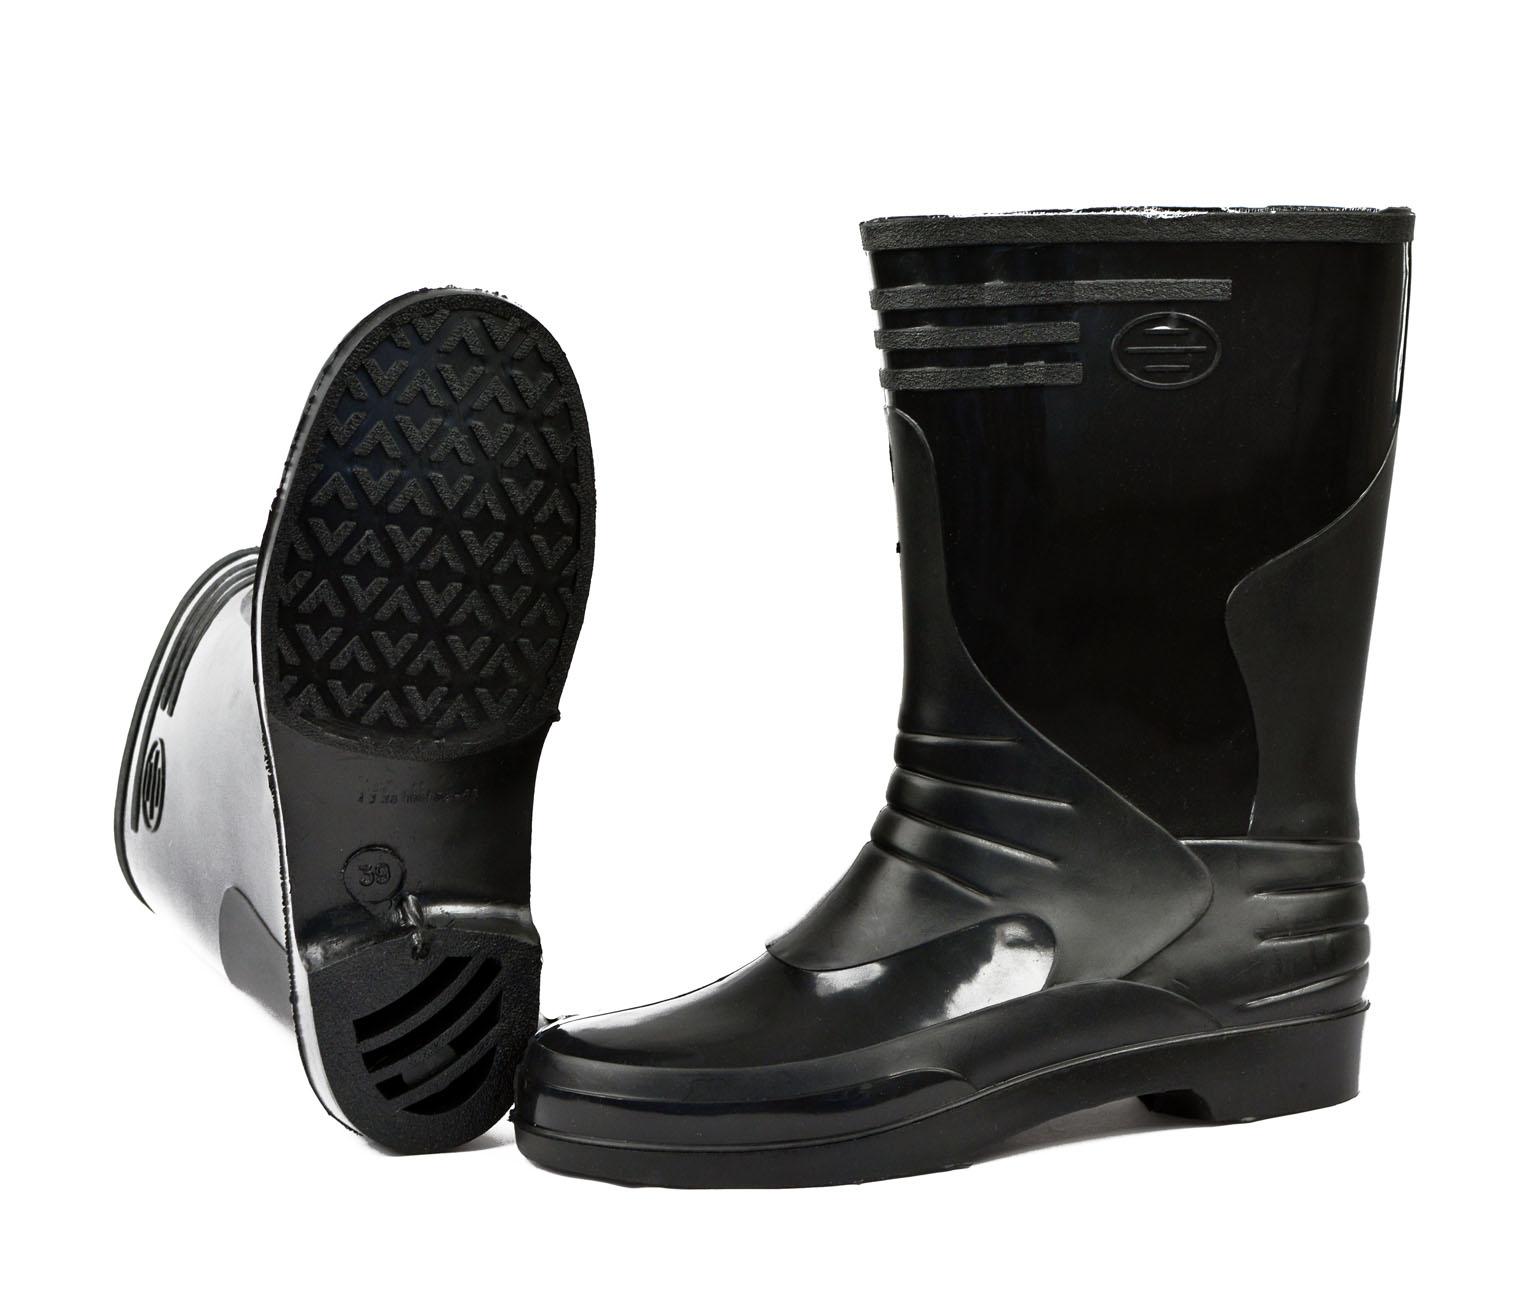 Сапоги ПВХ - Лайт женские черные (в упаковке Сапоги для активного отдыха<br>Обувь для защиты от воды, слабых растворов <br>кислот и щелочей, нефтепродуктов. Высота <br>27 см.<br><br>Пол: женский<br>Размер: 36<br>Сезон: лето<br>Цвет: черный<br>Материал: поливинилхлорид (ПВХ)